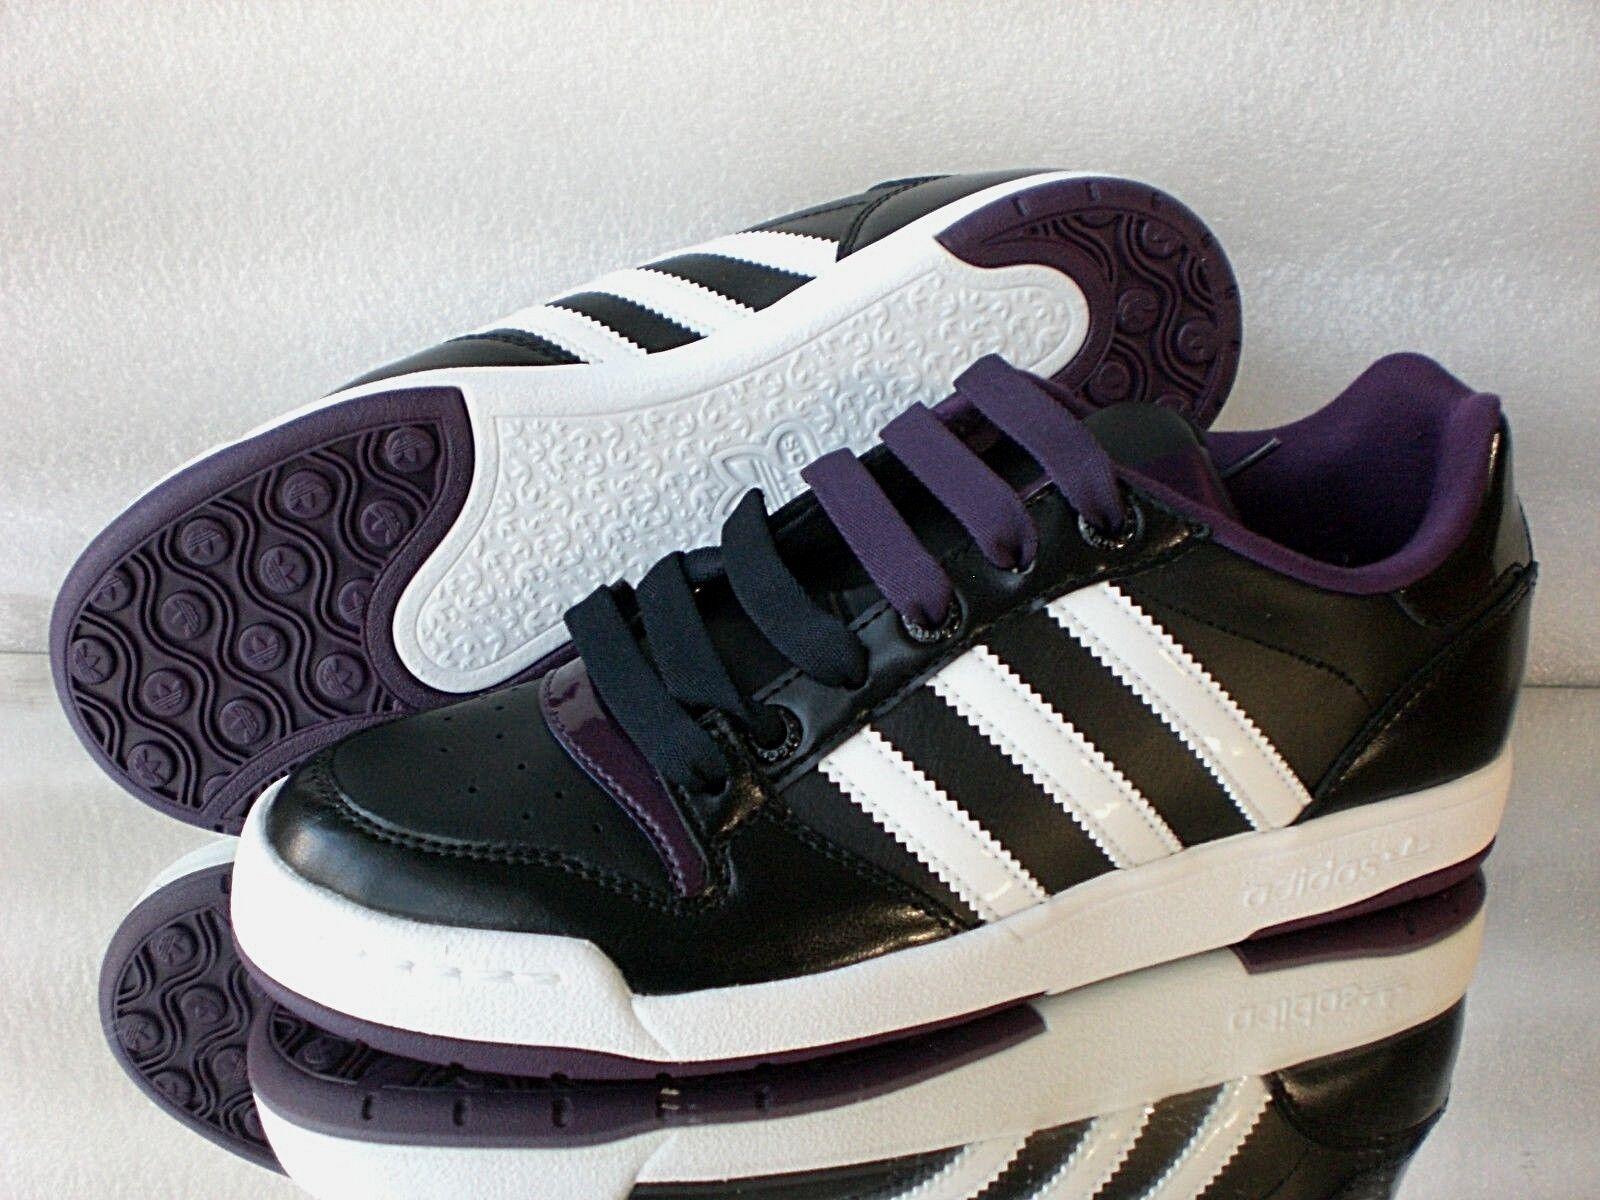 Adidas midiru Court W W W cortos señora-zapatillas de cuero Originals gr 36-41 negro  tienda hace compras y ventas